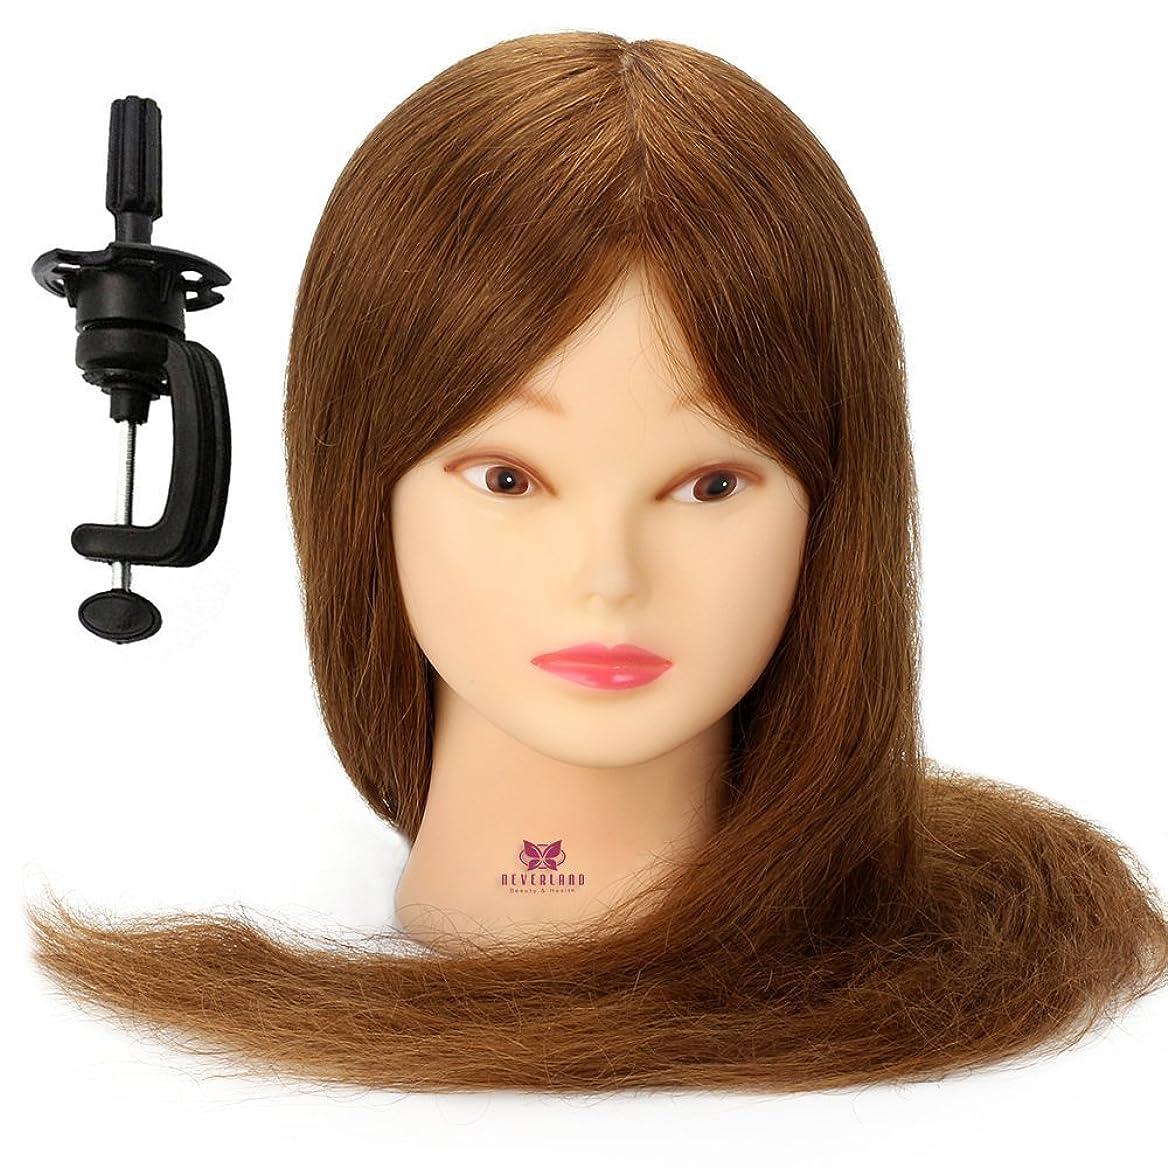 誰かパフ打ち上げるNeverland Beauty 編み込み練習用 カット練習用 人毛100%カットマネキン プロ 美容師用 カットウイッグ マネキンヘッド パーマ カラー可能